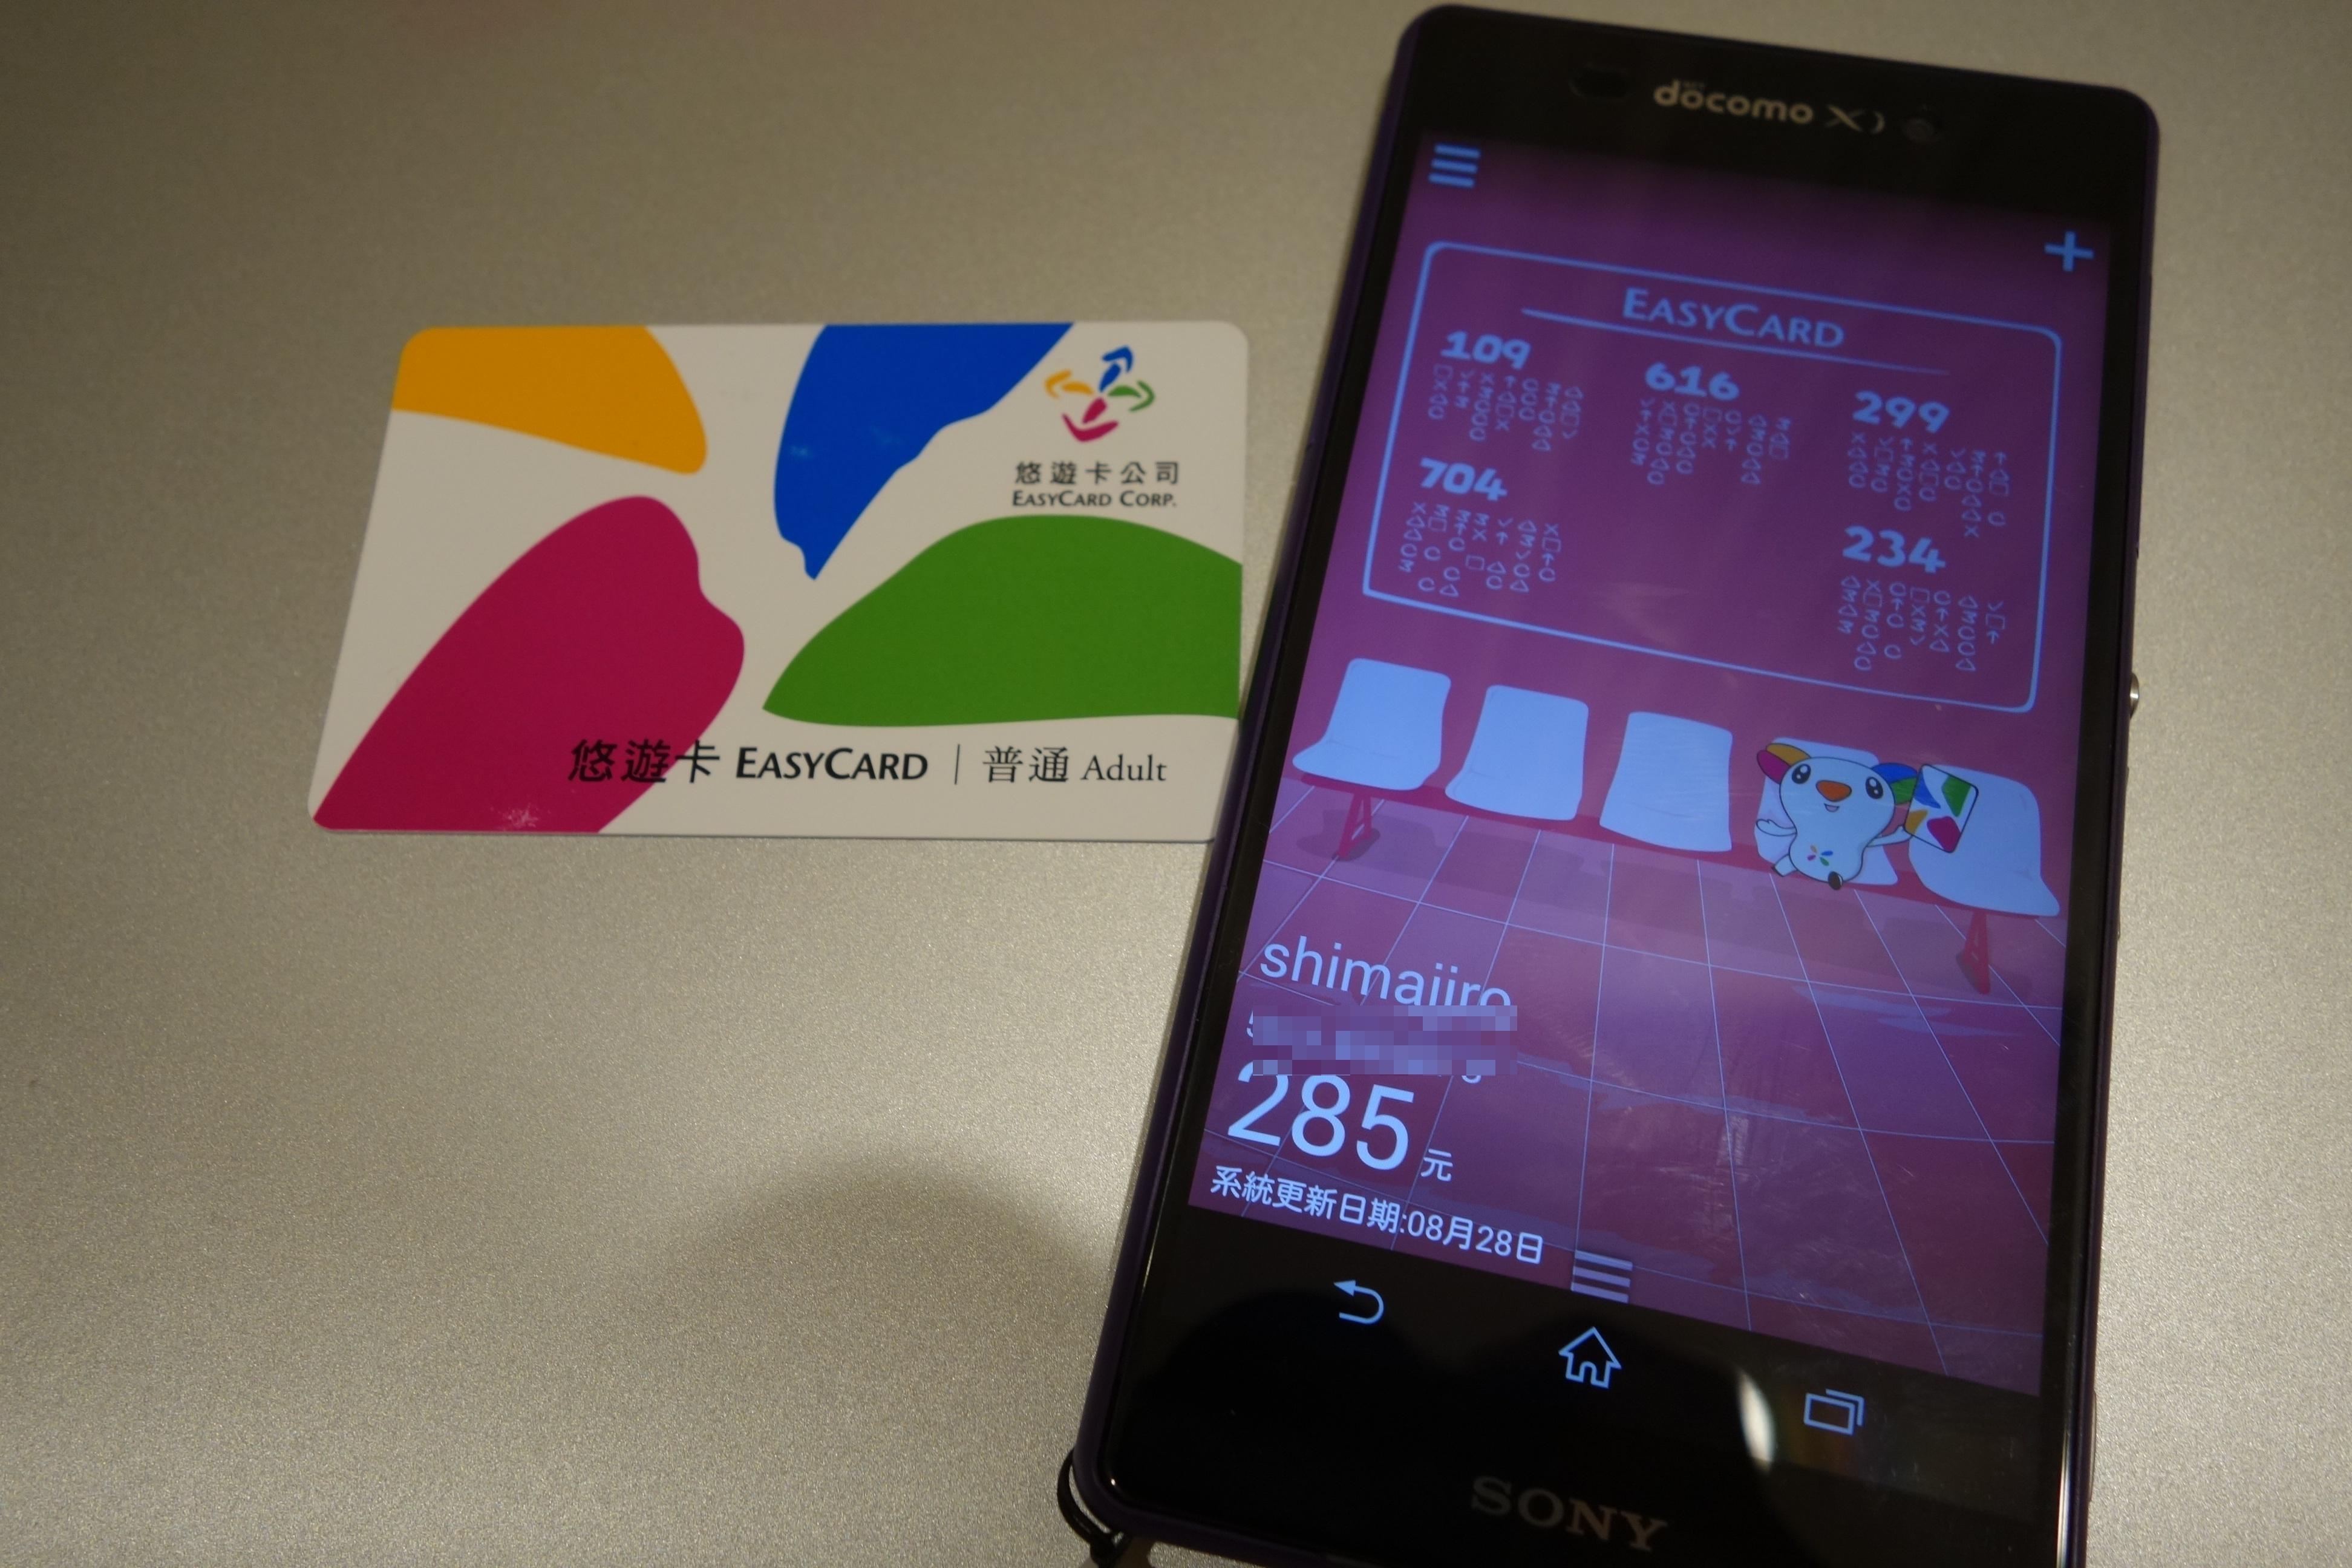 スマートフォンからEasy Cardの残高確認